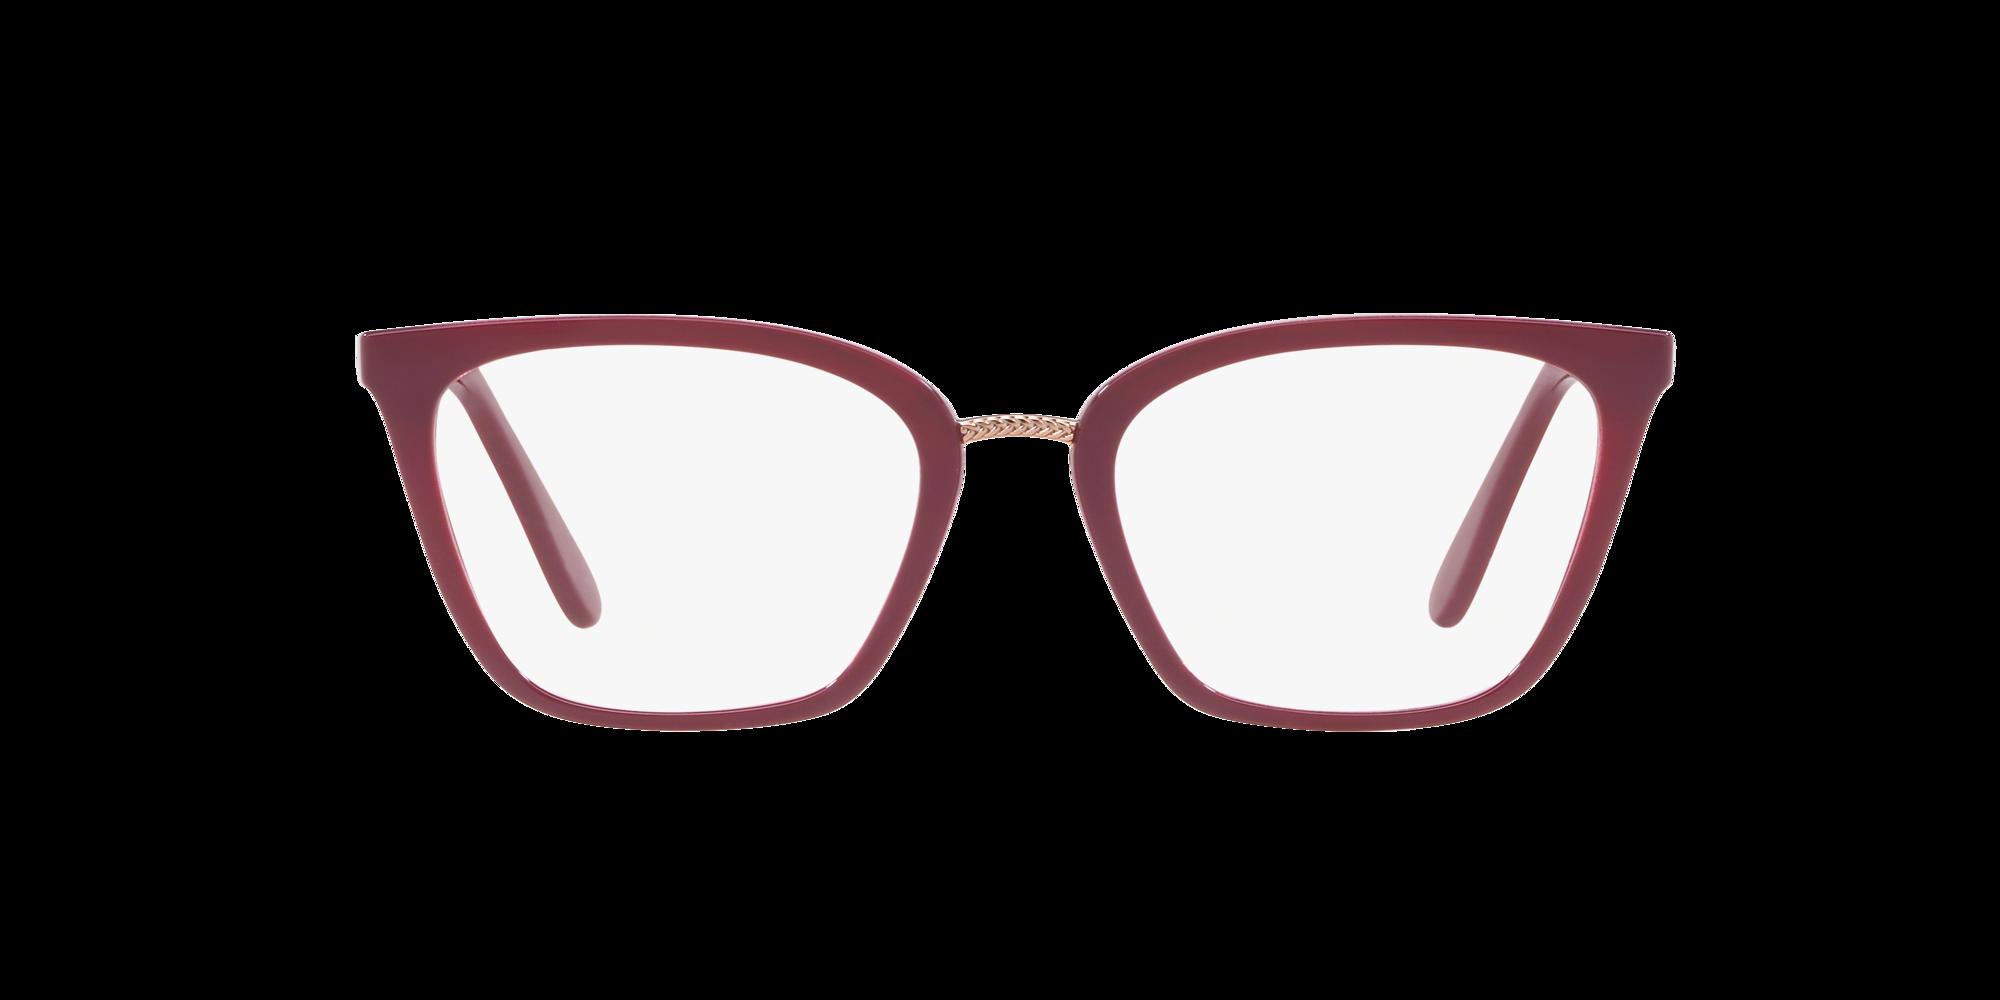 Imagen para VO5260 de LensCrafters |  Espejuelos, espejuelos graduados en línea, gafas